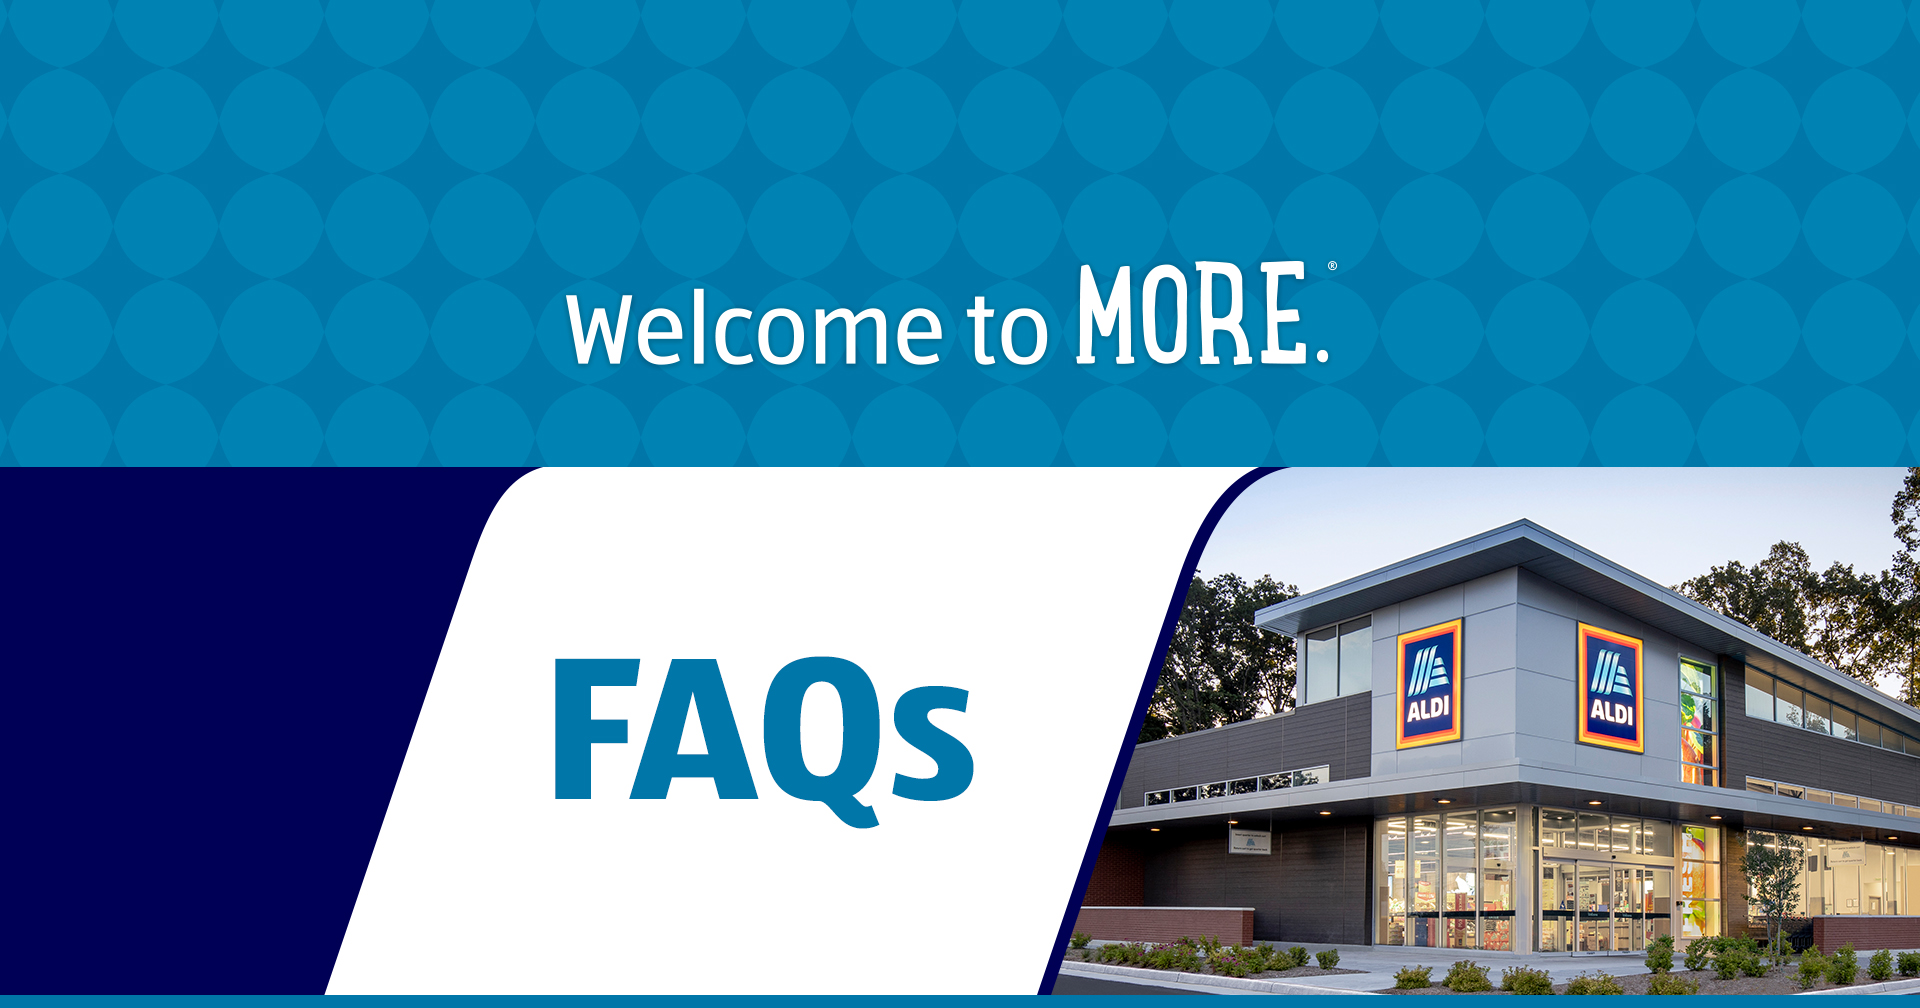 ALDI FAQs